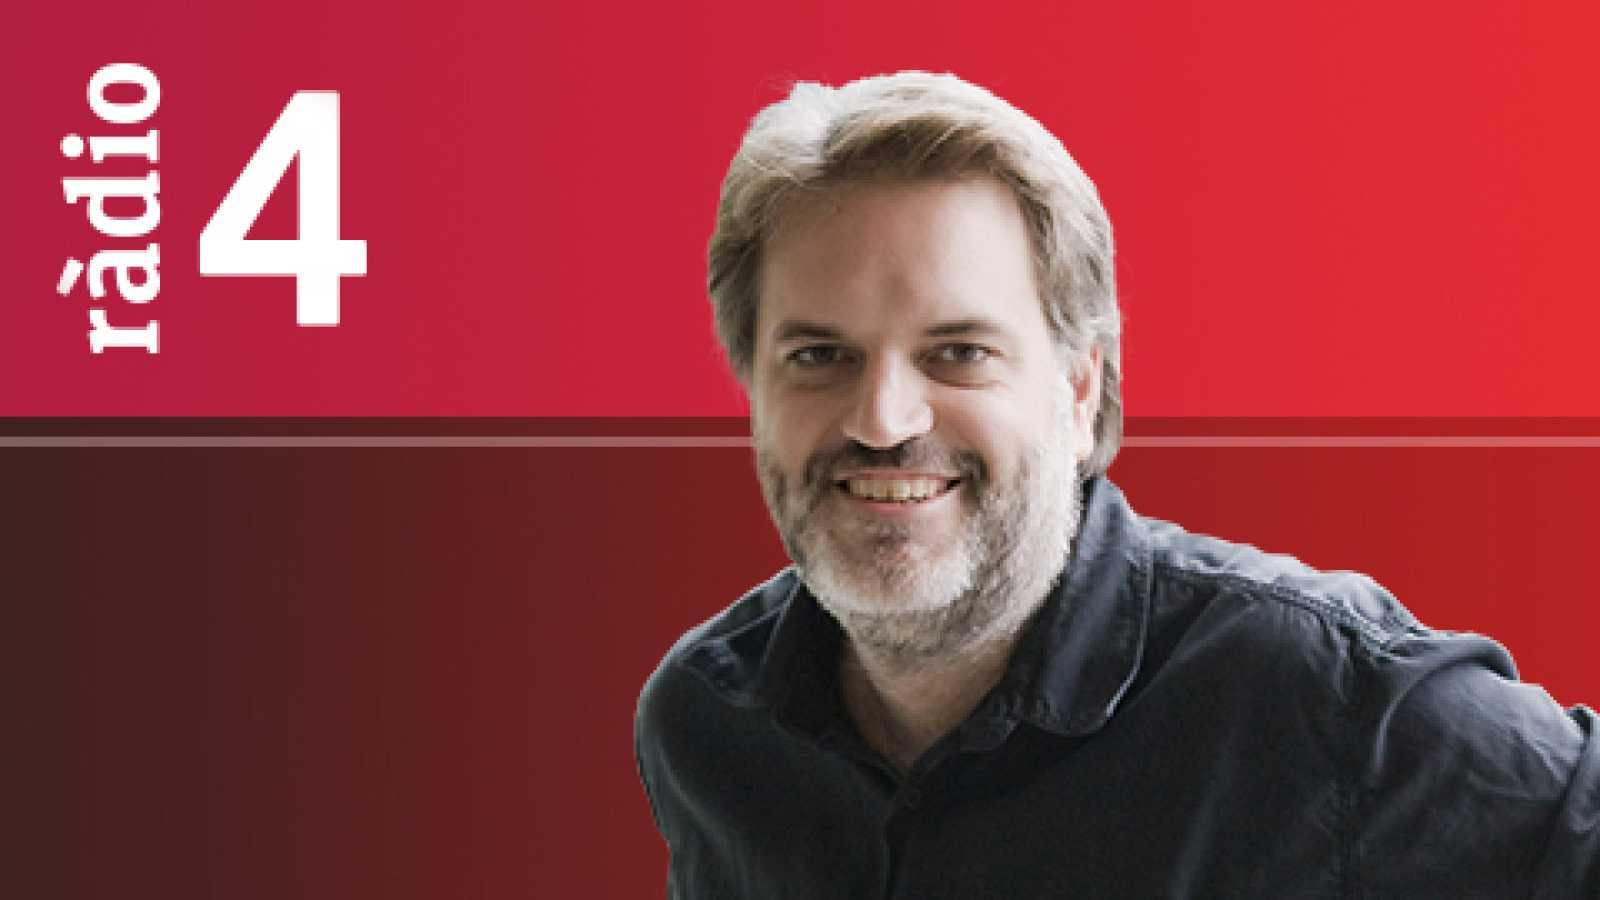 El matí a Ràdio 4 - Informe Cattozella. L'elogi de la paraula: Estrella. Entrevista a Paco Roncero